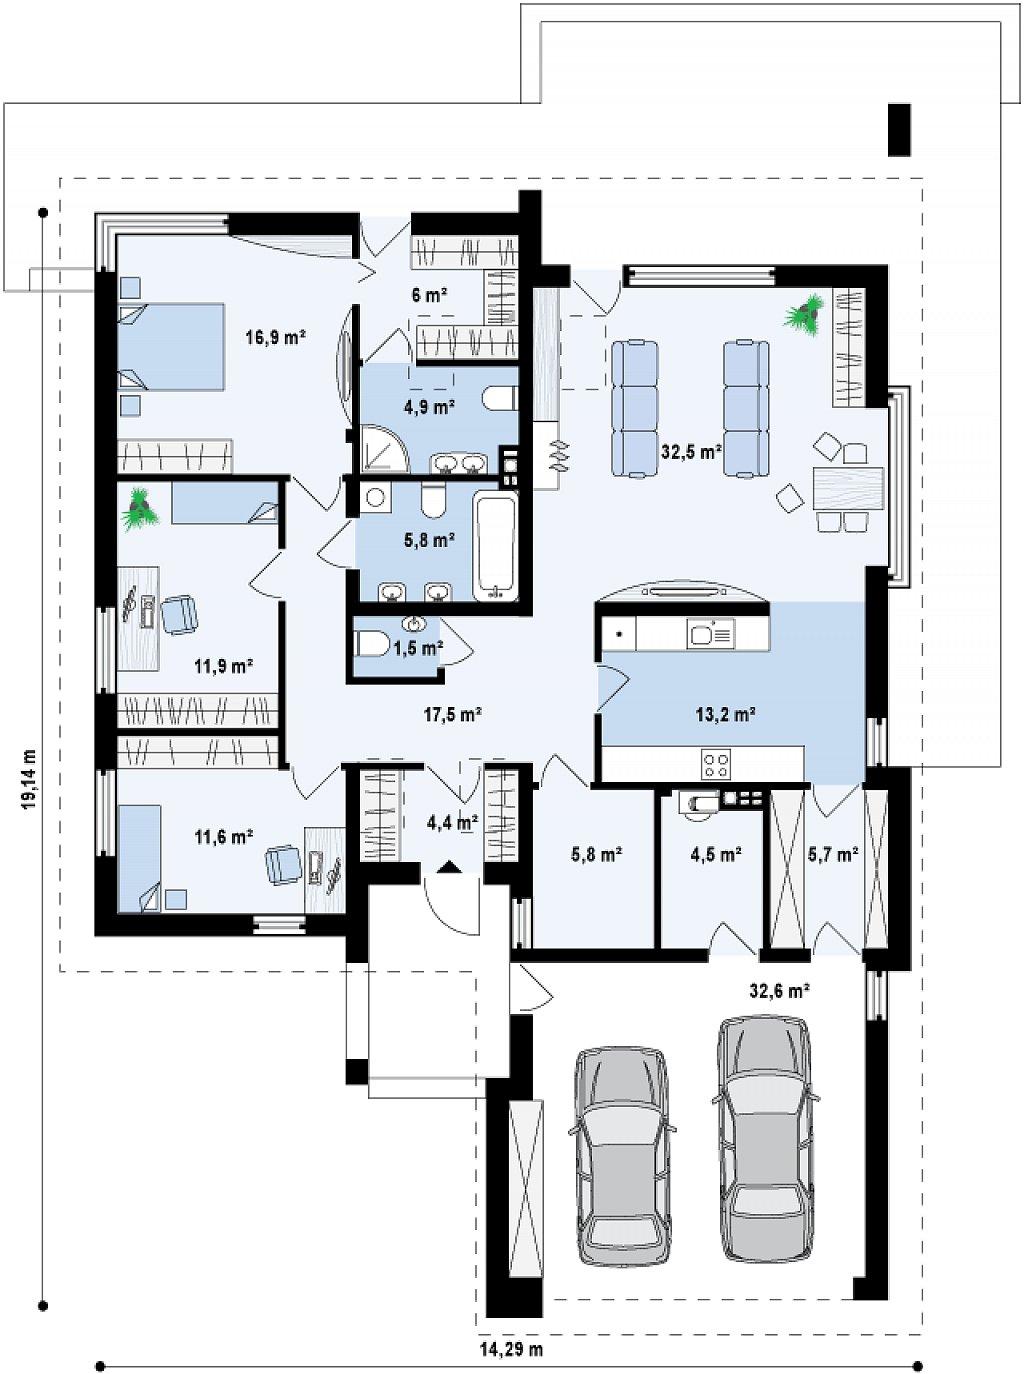 Proyectos de casas casa moderna proyectosdecasas dise amos y construimos casas en toda espa a - Planos de casas pareadas ...